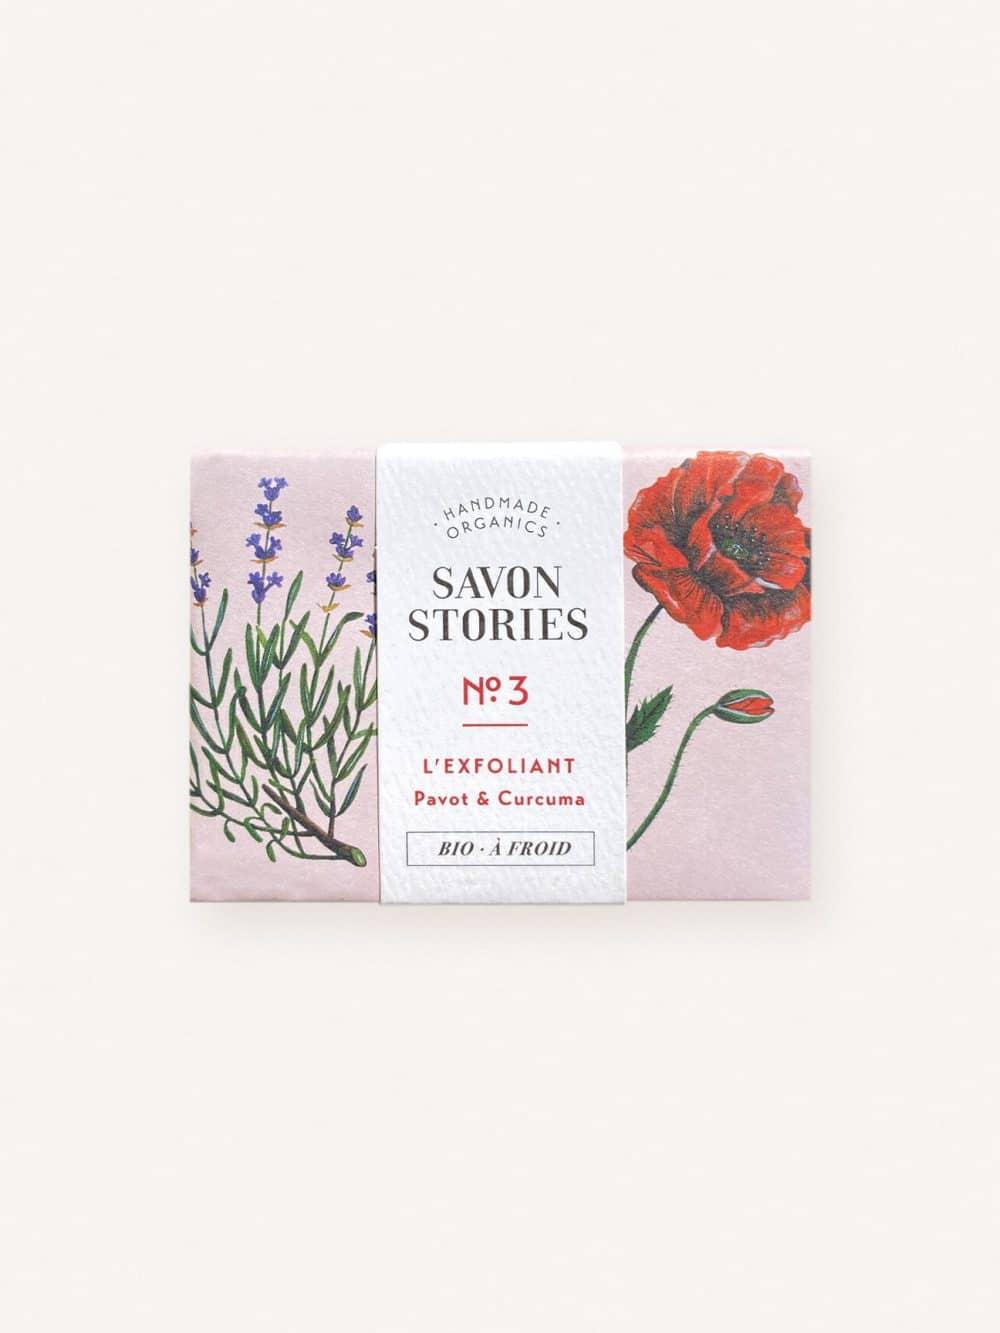 Savon solide exfoliant bio, naturel et vegan au pavot, curcuma, lavande et citronnelle de la marque Savon Stories made in france